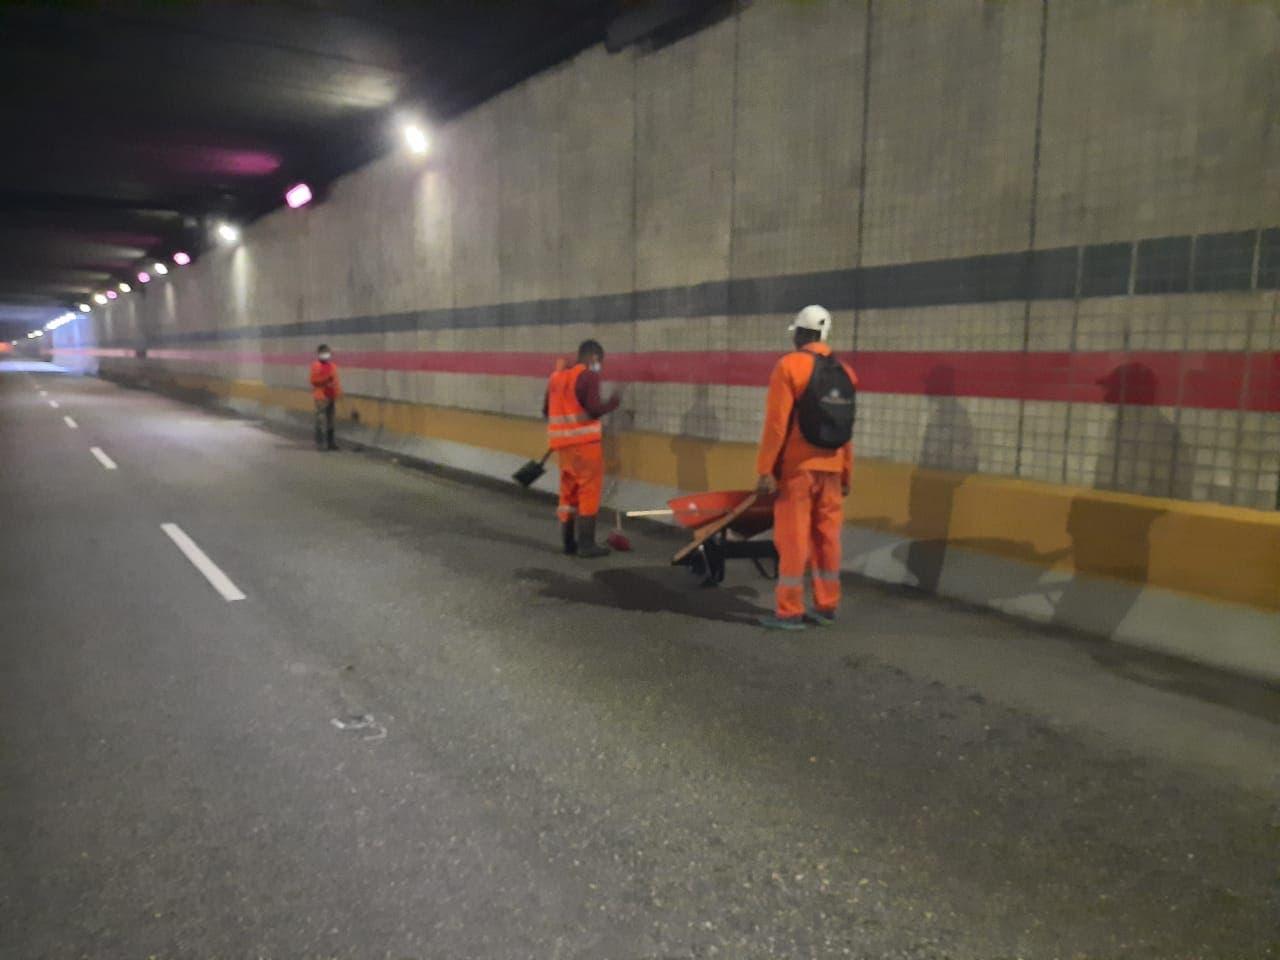 Cerrarán  a partir de esta noche túneles y elevados del GSD por mantenimiento